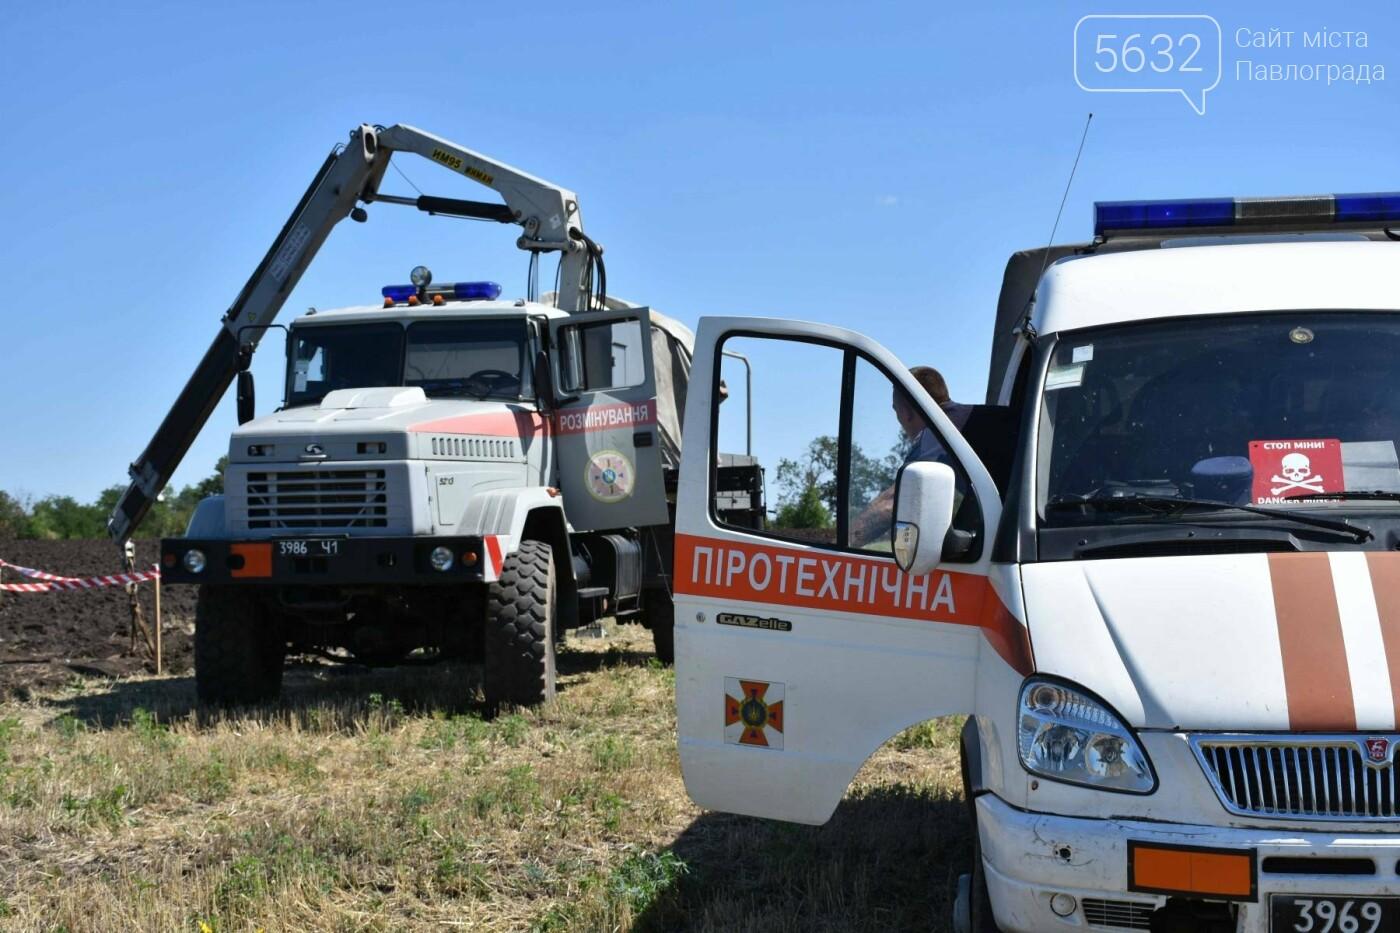 На Васильківщині знайшли авіаційну бомбу (ФОТО), фото-3